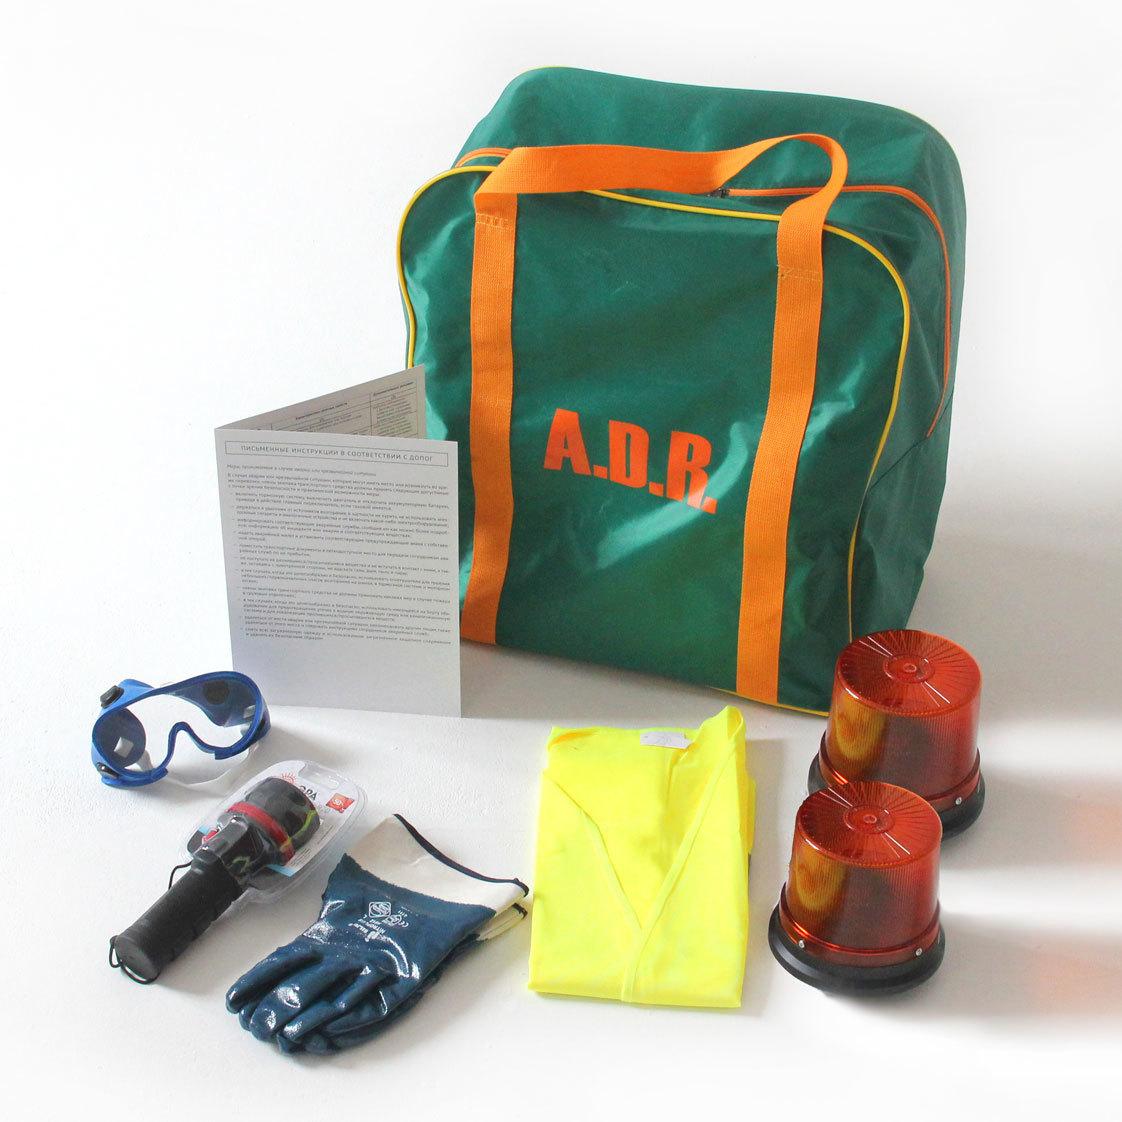 ADR комплект для опасных грузов, которым присвоены знаки опасности № 1, 1.4, 1.5, 1.6, 2.1, 2.2 (по ДОПОГ)